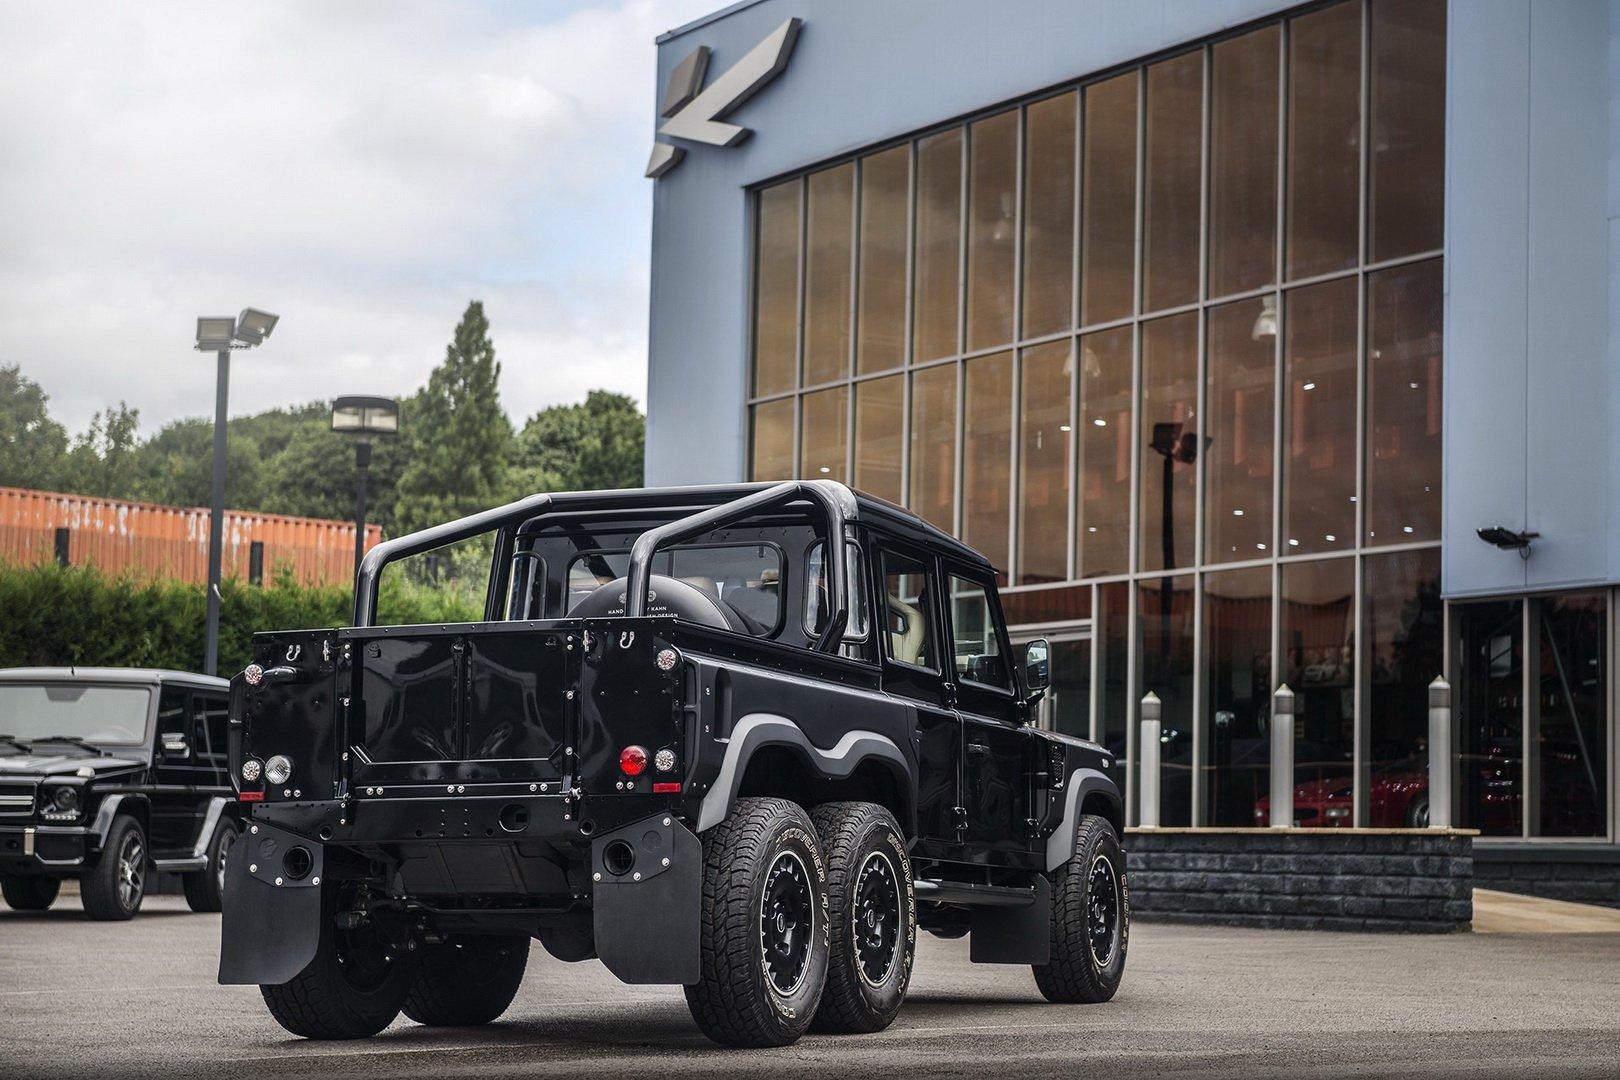 Land-Rover-Defender-Flying-Huntsman-6×6-6